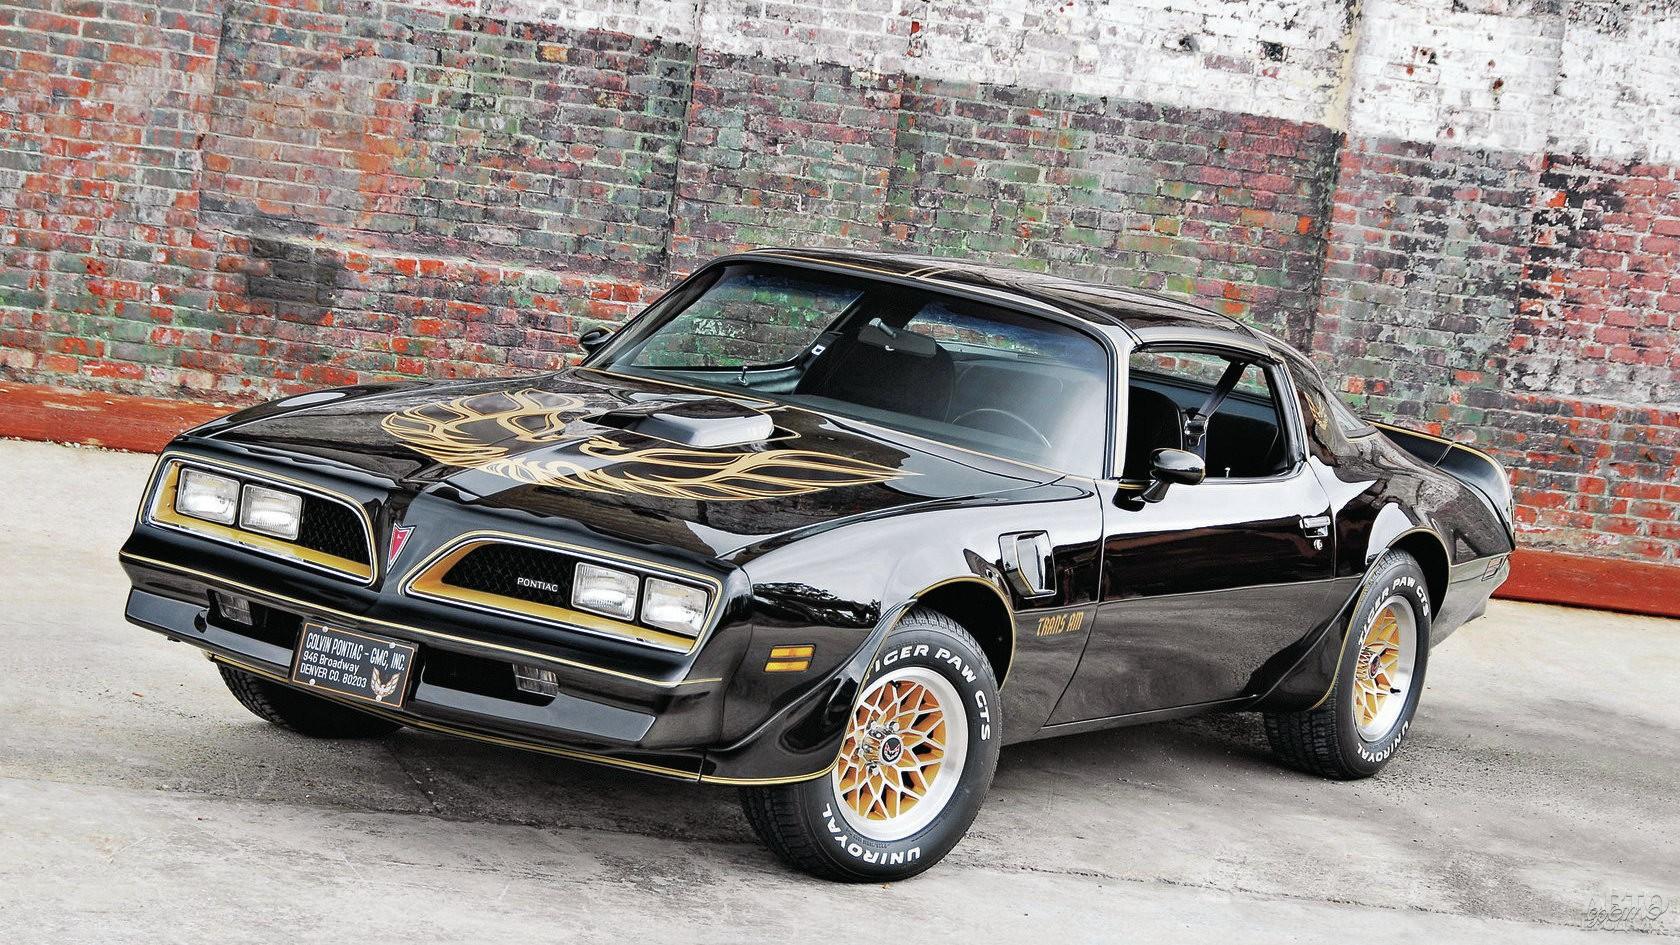 Pontiac Firebird 1978 года прославился благодаря фильму «Смоки и бандит»